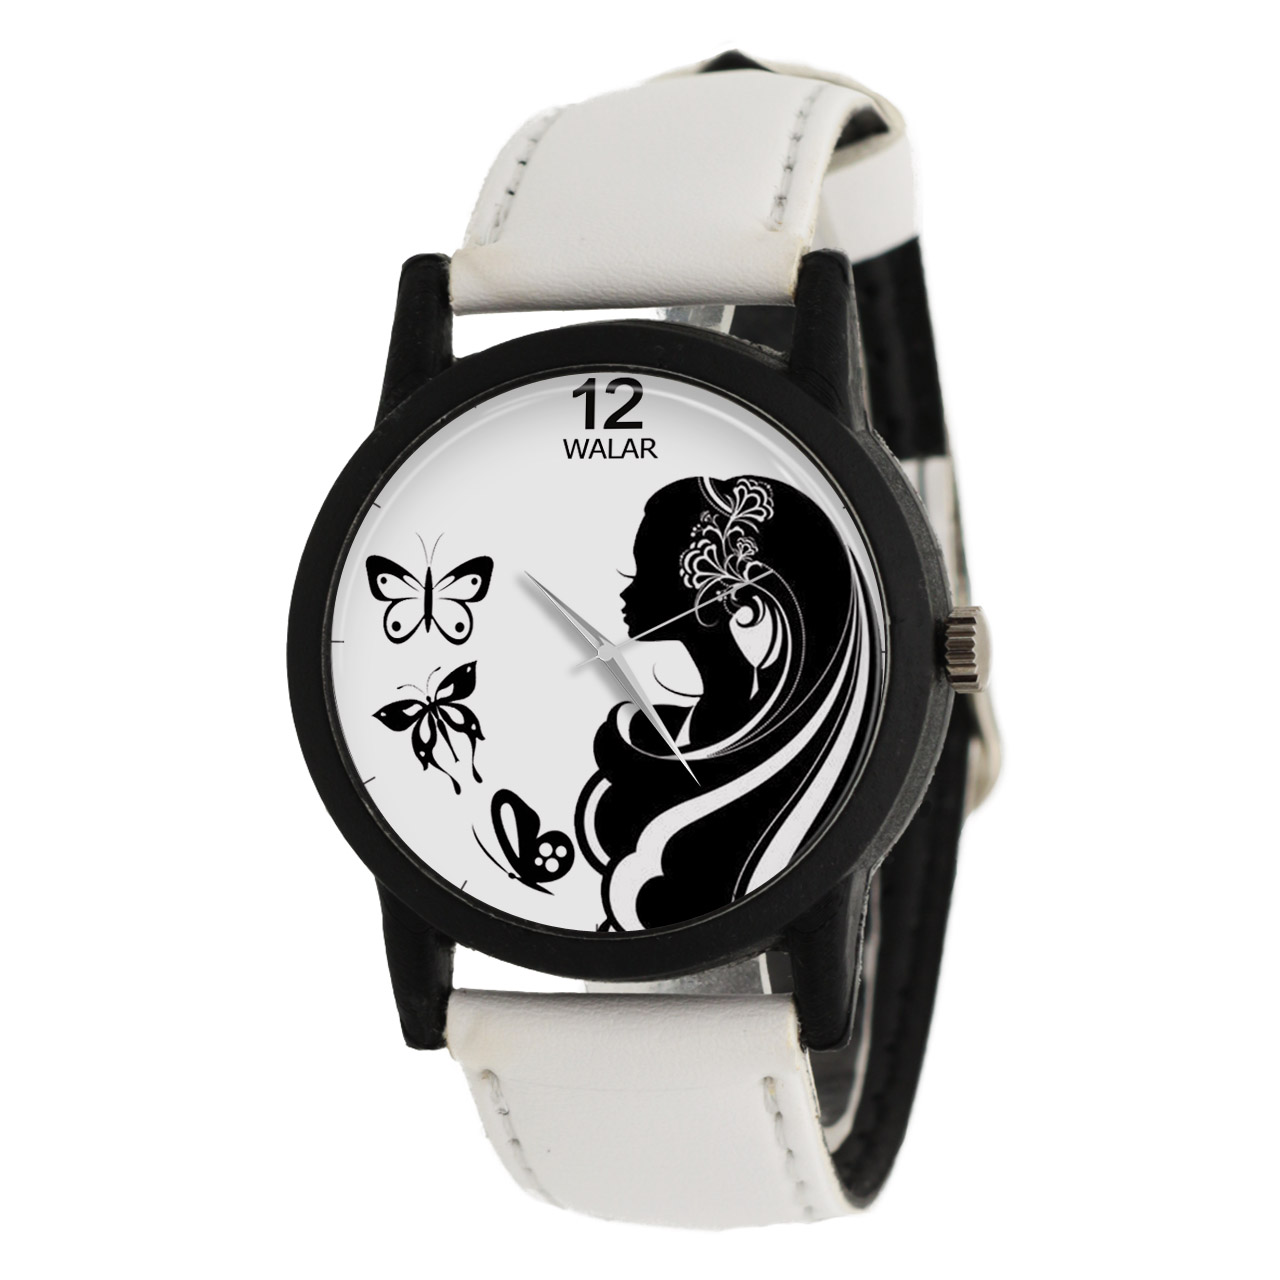 ساعت مچی عقربه ای زنانه والار مدل LF1491 15